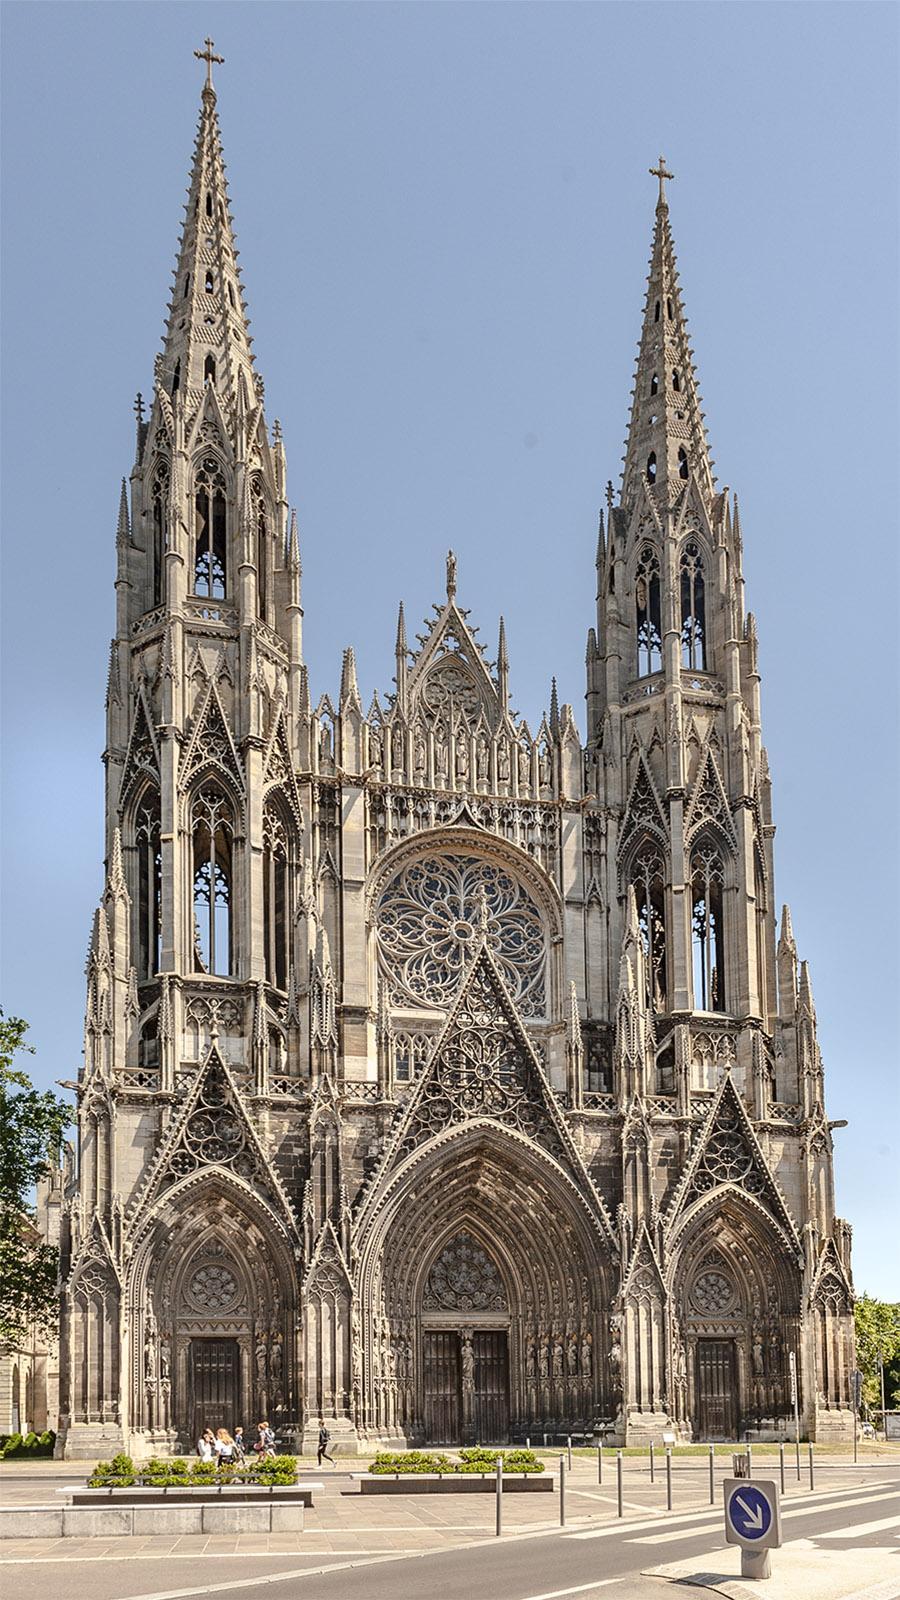 Die Abteien der Normandie: Das Westwerk der Abteikirche Saint-Ouen in Rouen